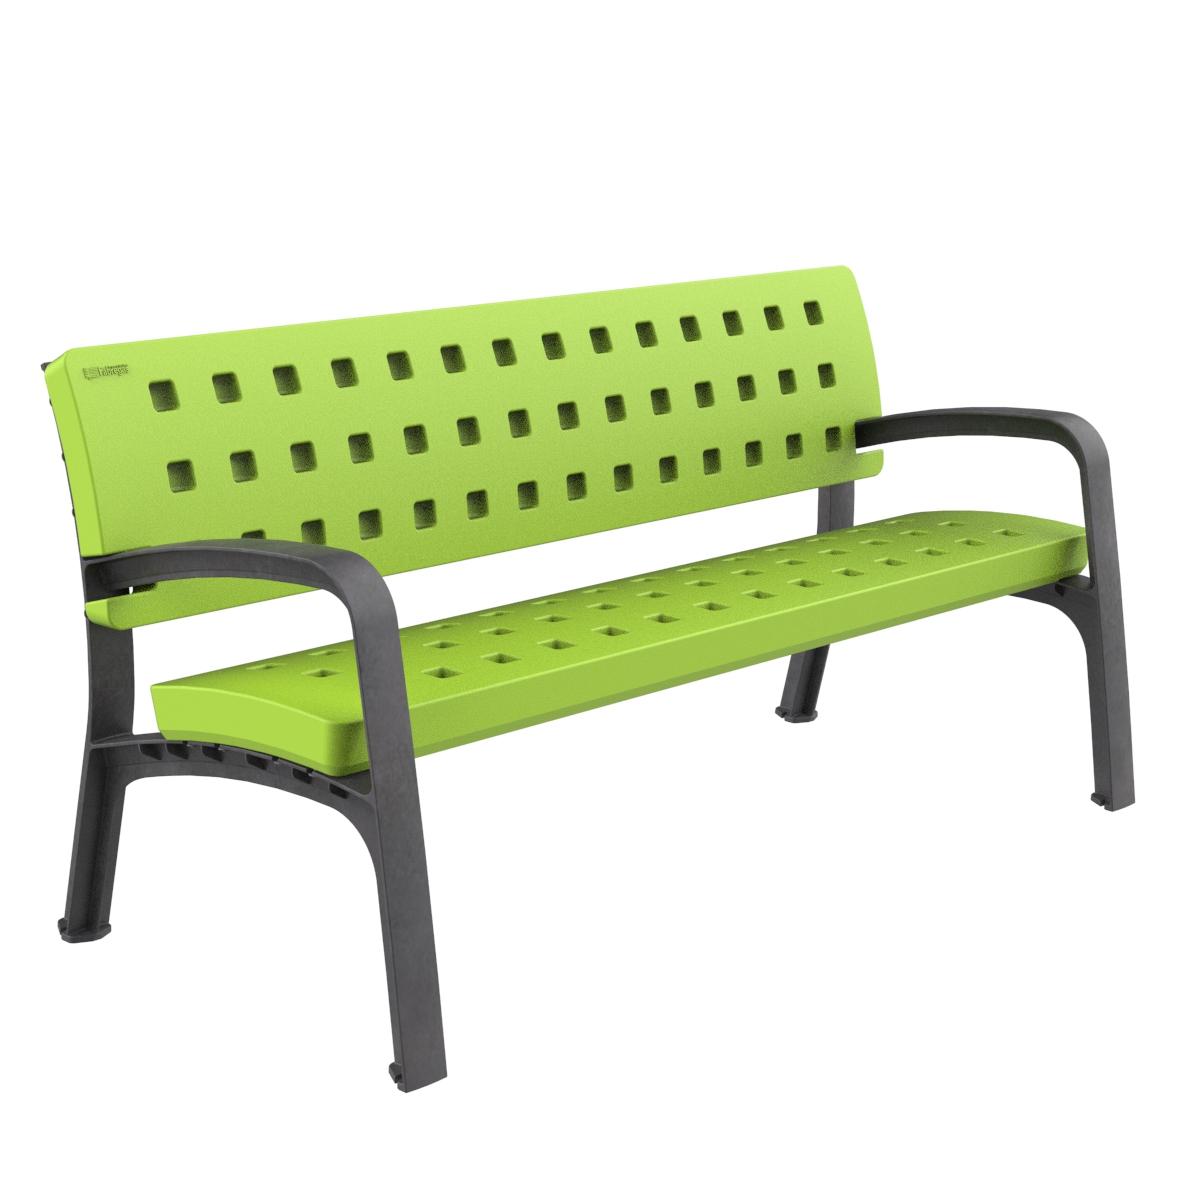 Banco Plastico Modo Mobiliario urbano para sentarse parques y jardines